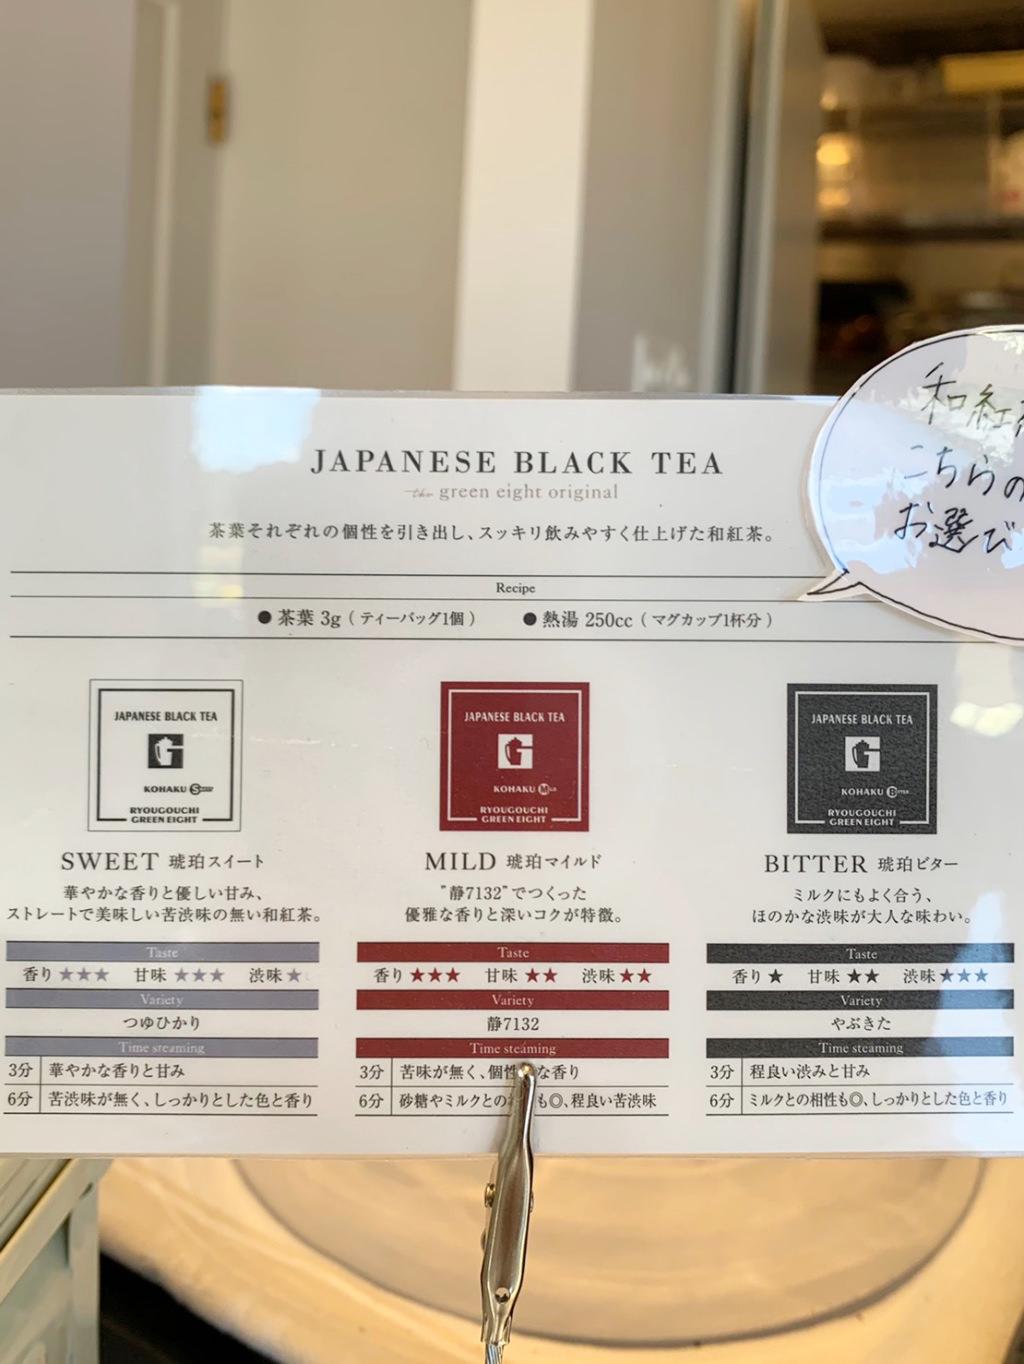 和紅茶のメニュー